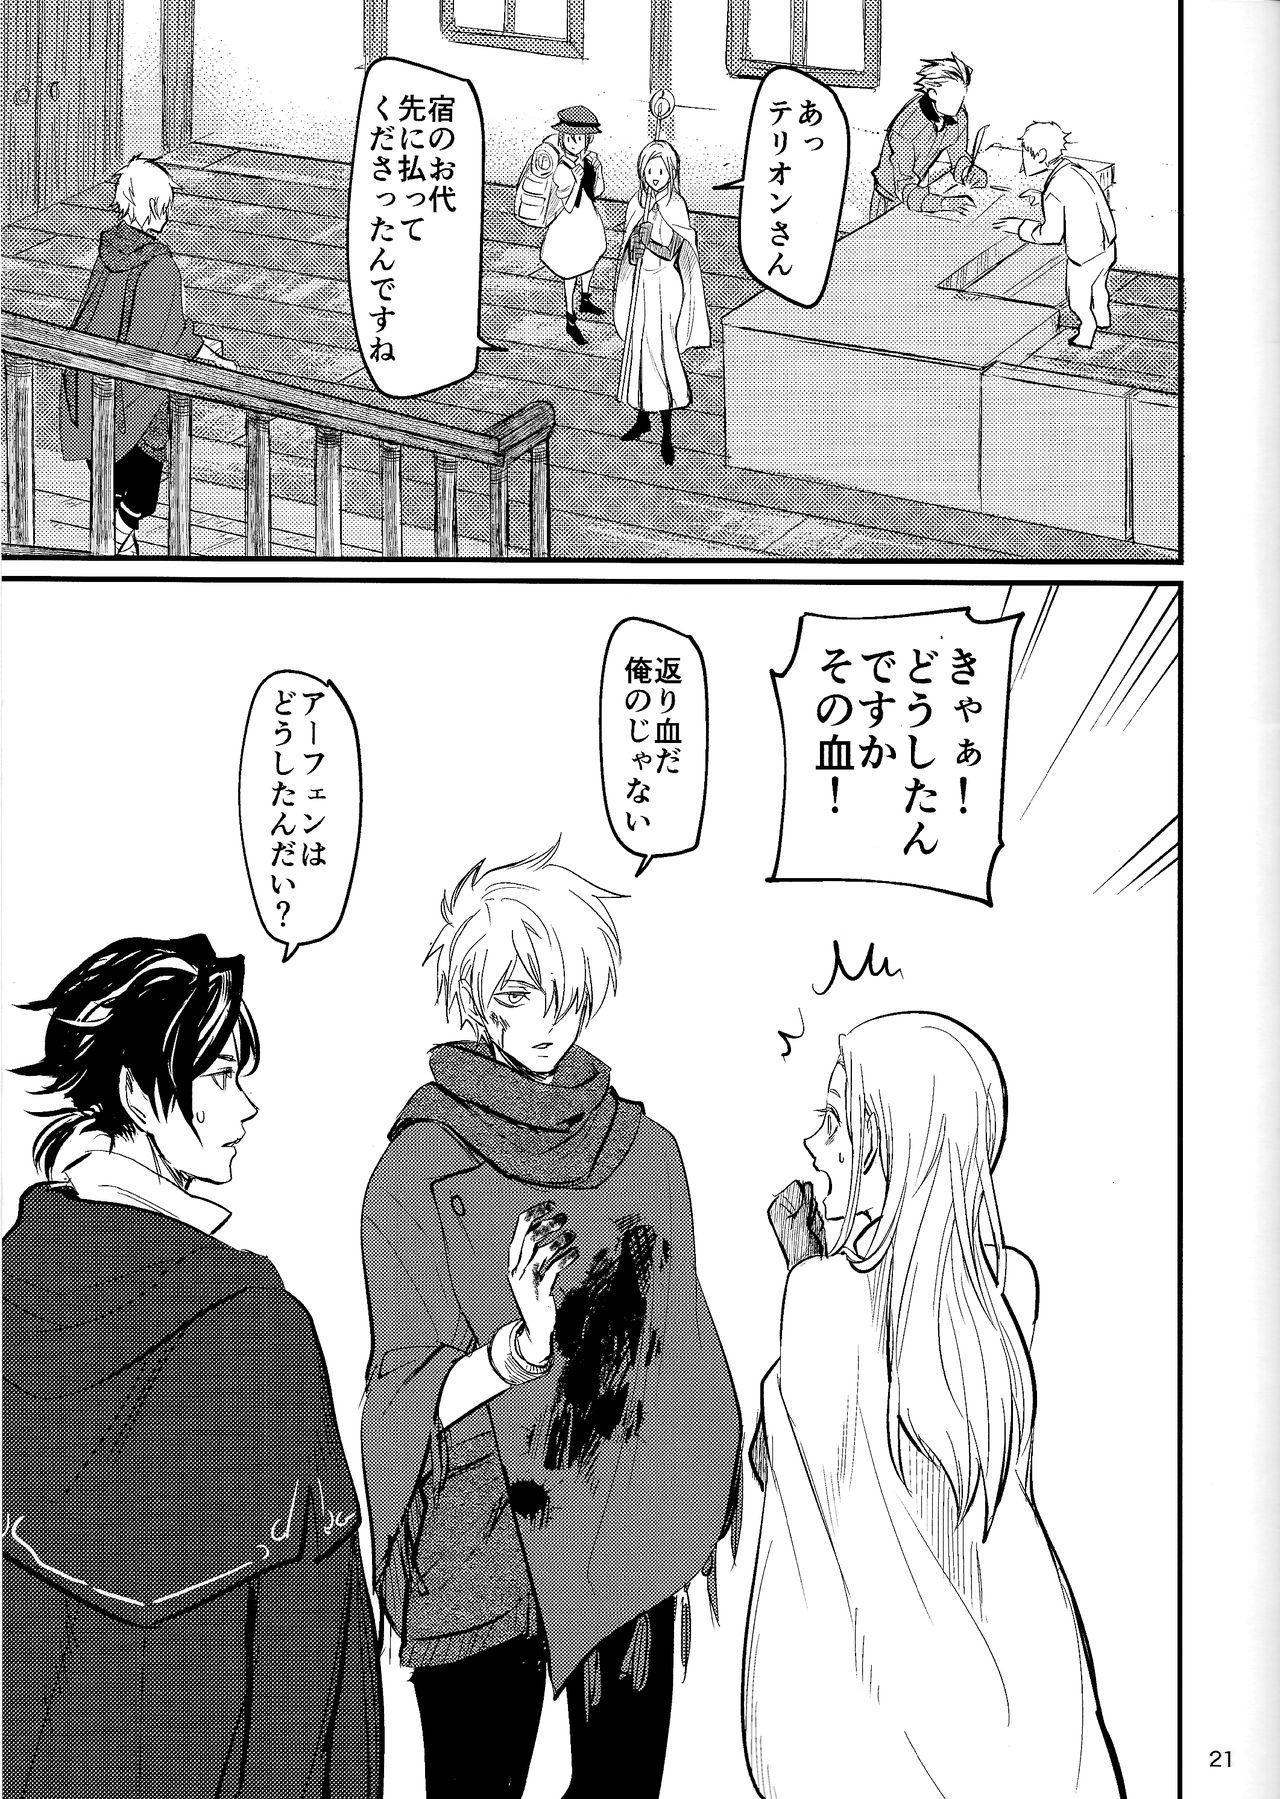 Shoujiki-sha wa ai o miru 18